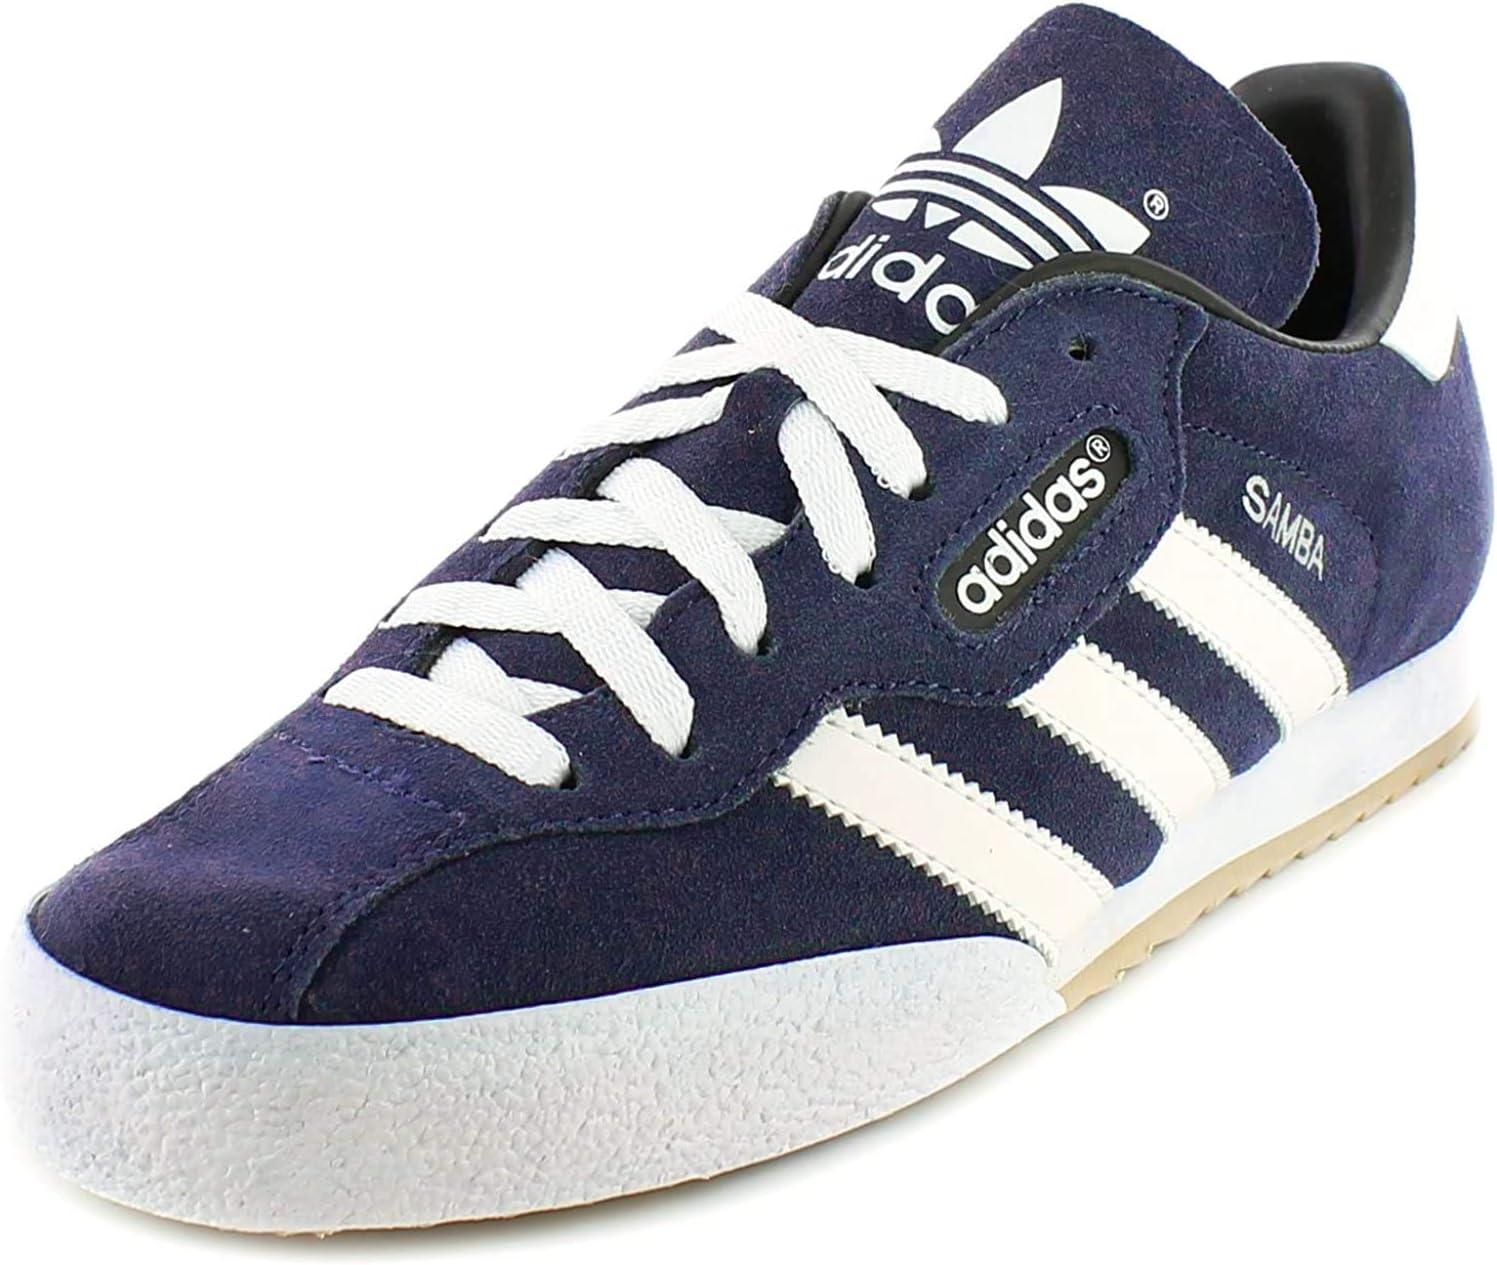 Adidas Sam Super Suede Men's Trainer UK Size 7-11 019332